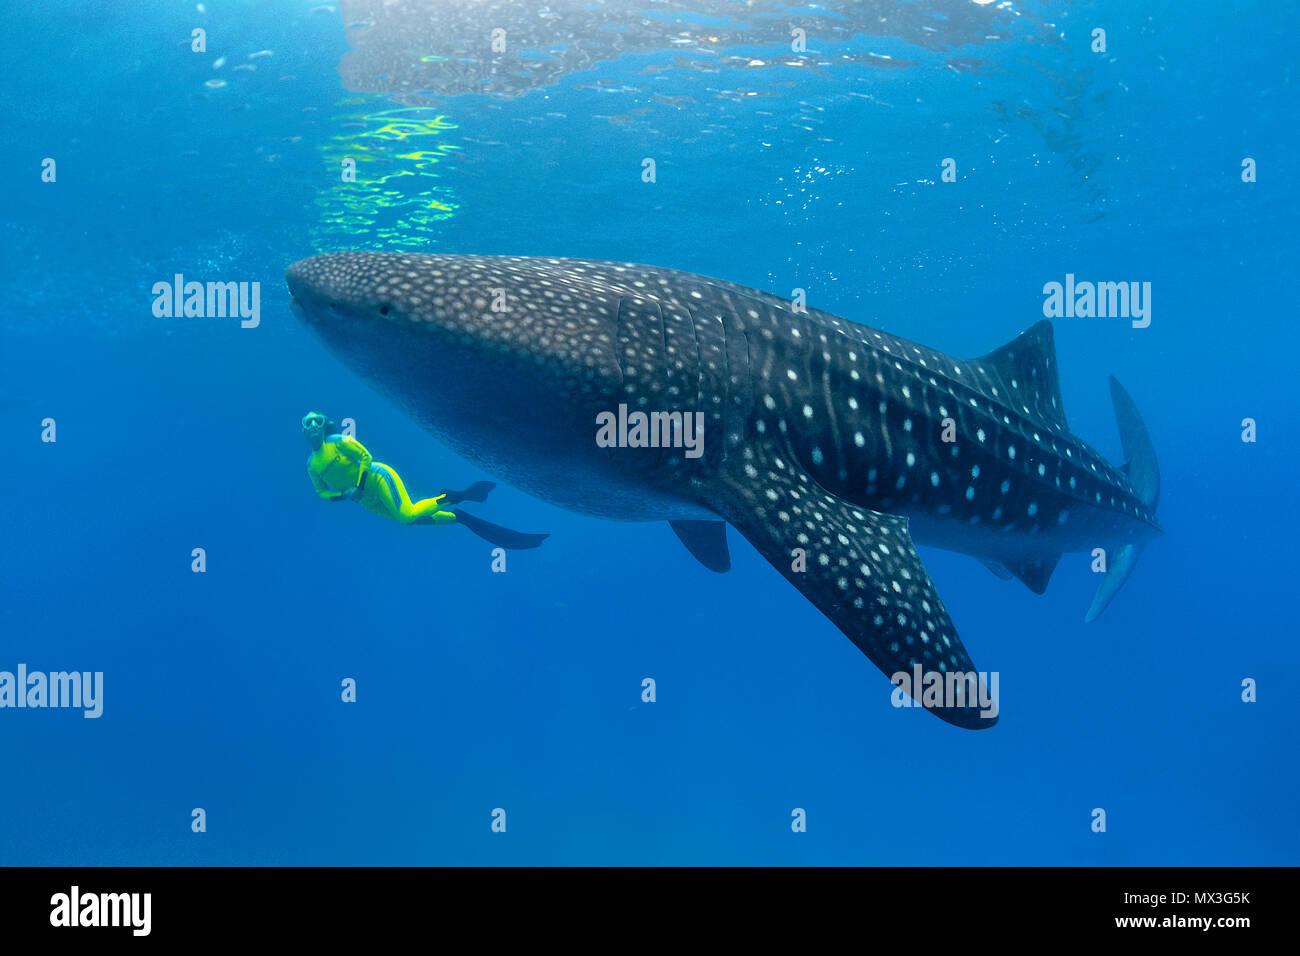 Comparación de tamaño, el uno y el tiburón ballena (Rhincodon typus), el pez más grande del mundo, Ari Atoll, Islas Maldivas, Asia Imagen De Stock